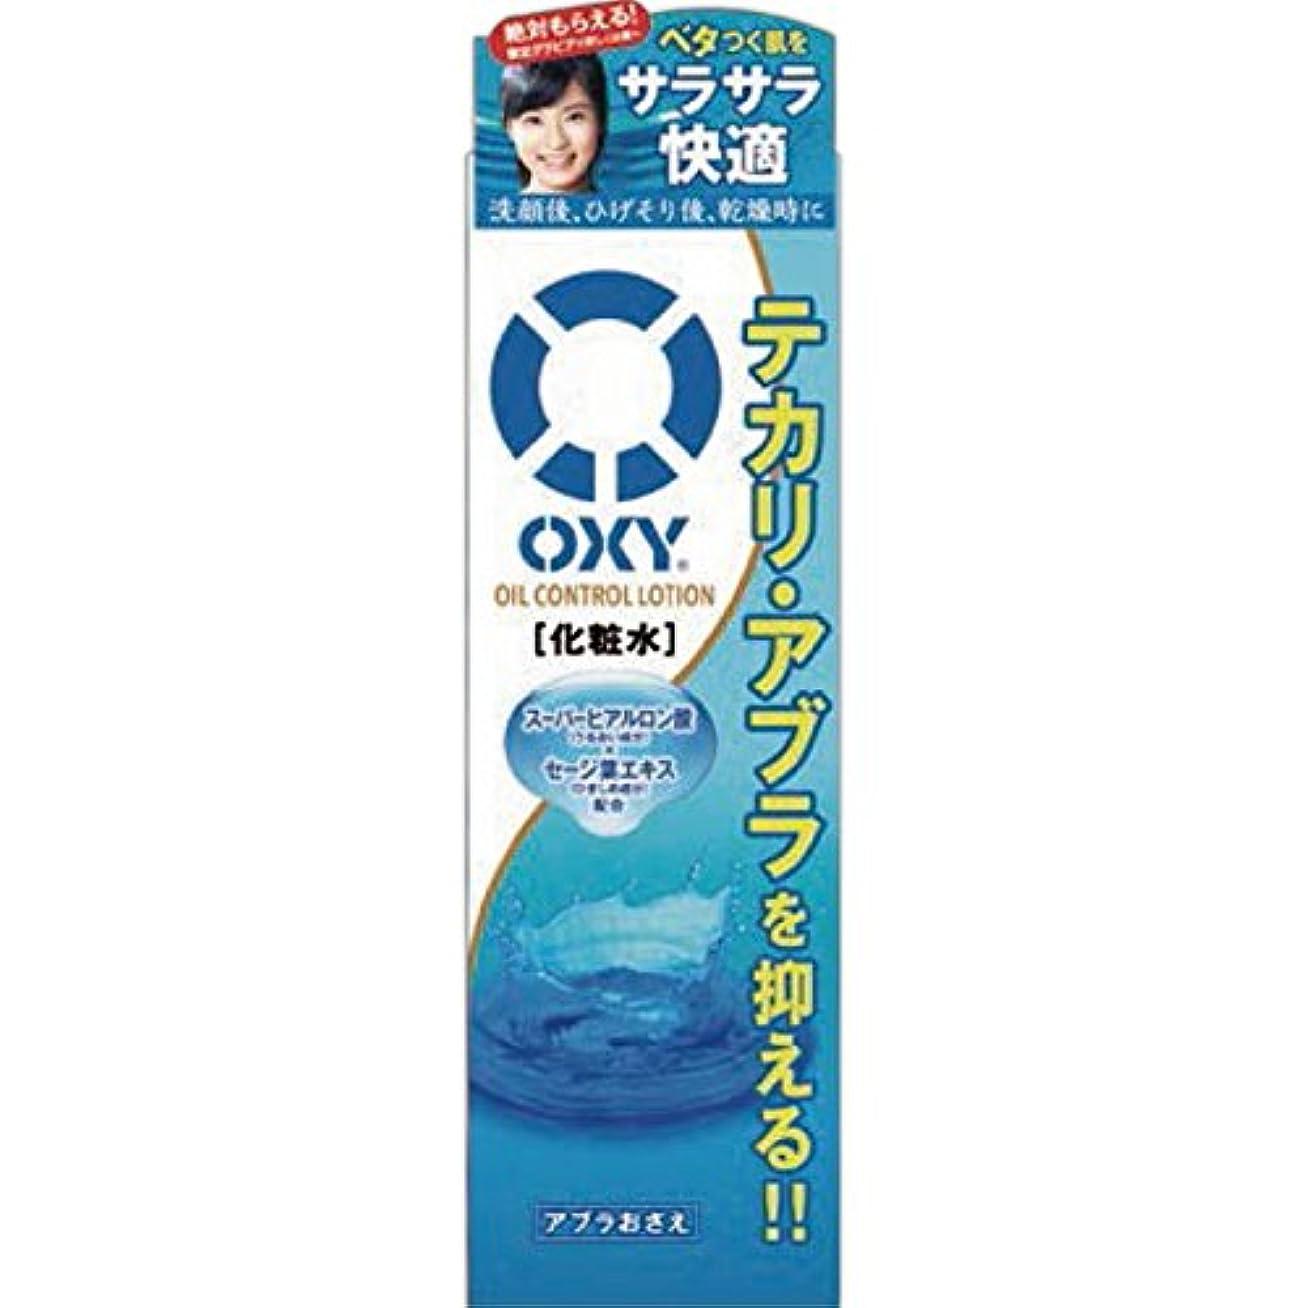 曲げる不調和役員オキシー (Oxy) オイルコントロールローション スーパーヒアルロン酸×セージ葉エキス配合 ゼラニウムの香 170mL